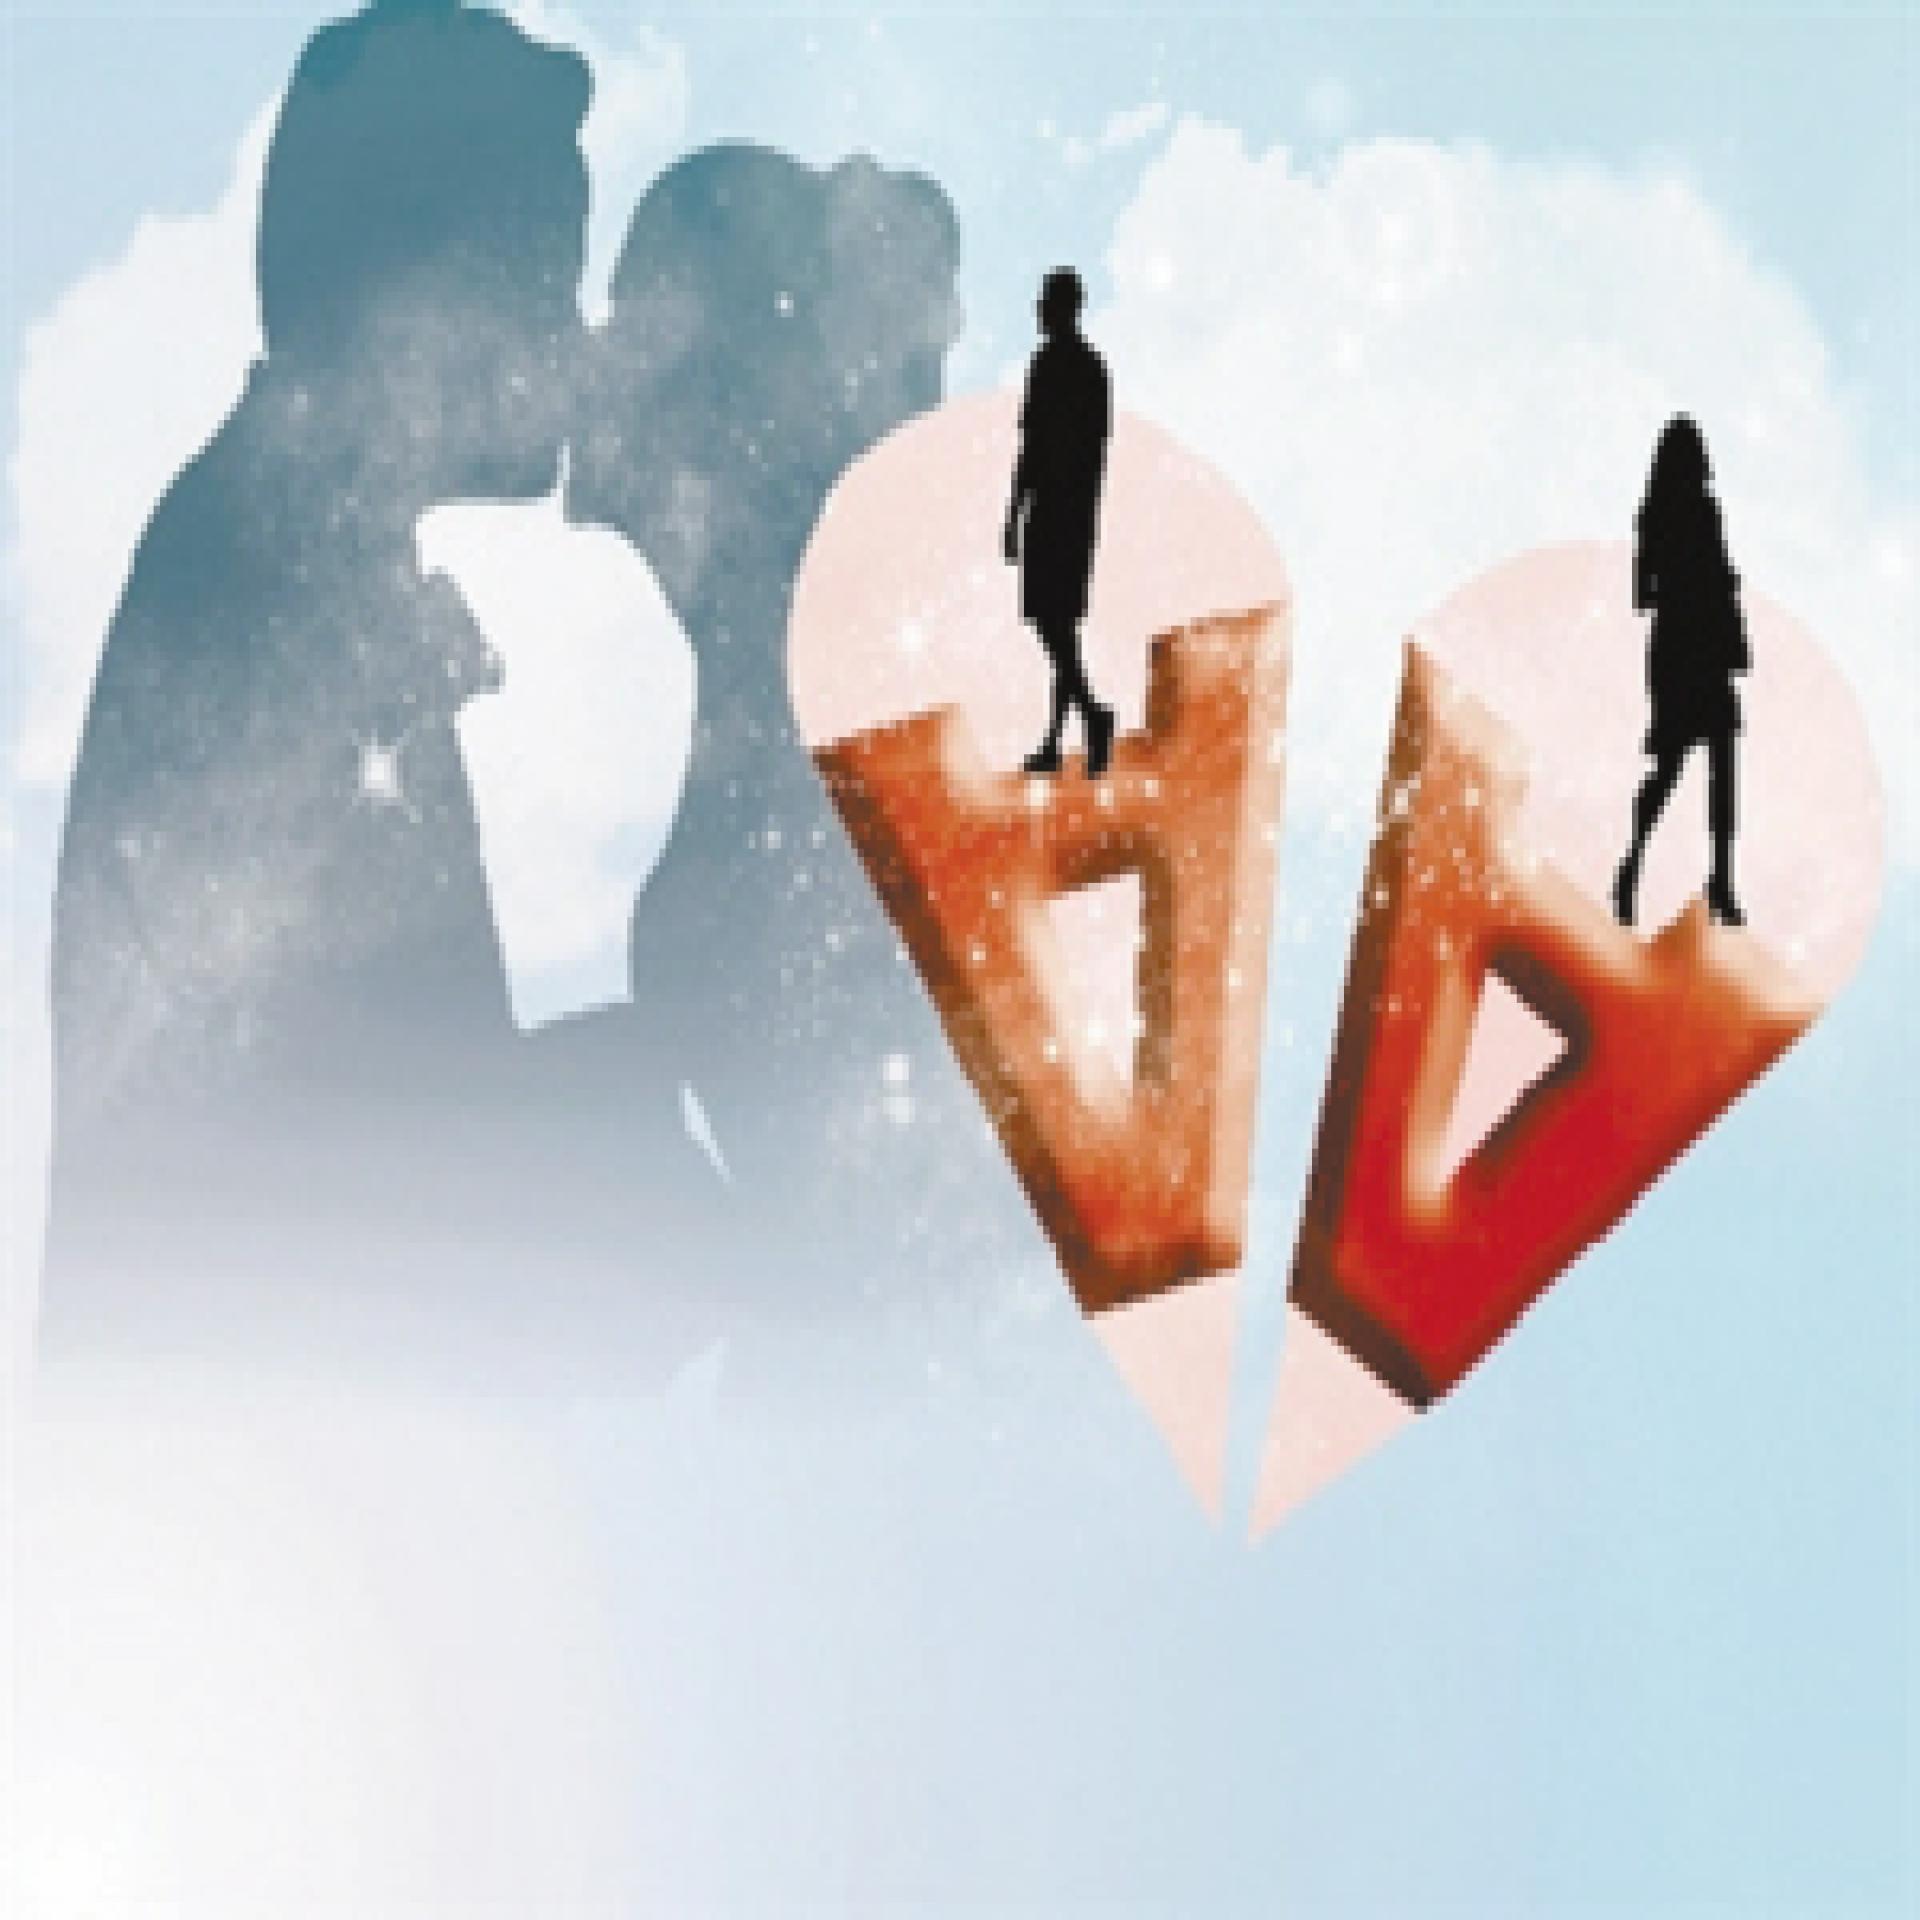 婚姻家事案件中赠与行为的法律分析